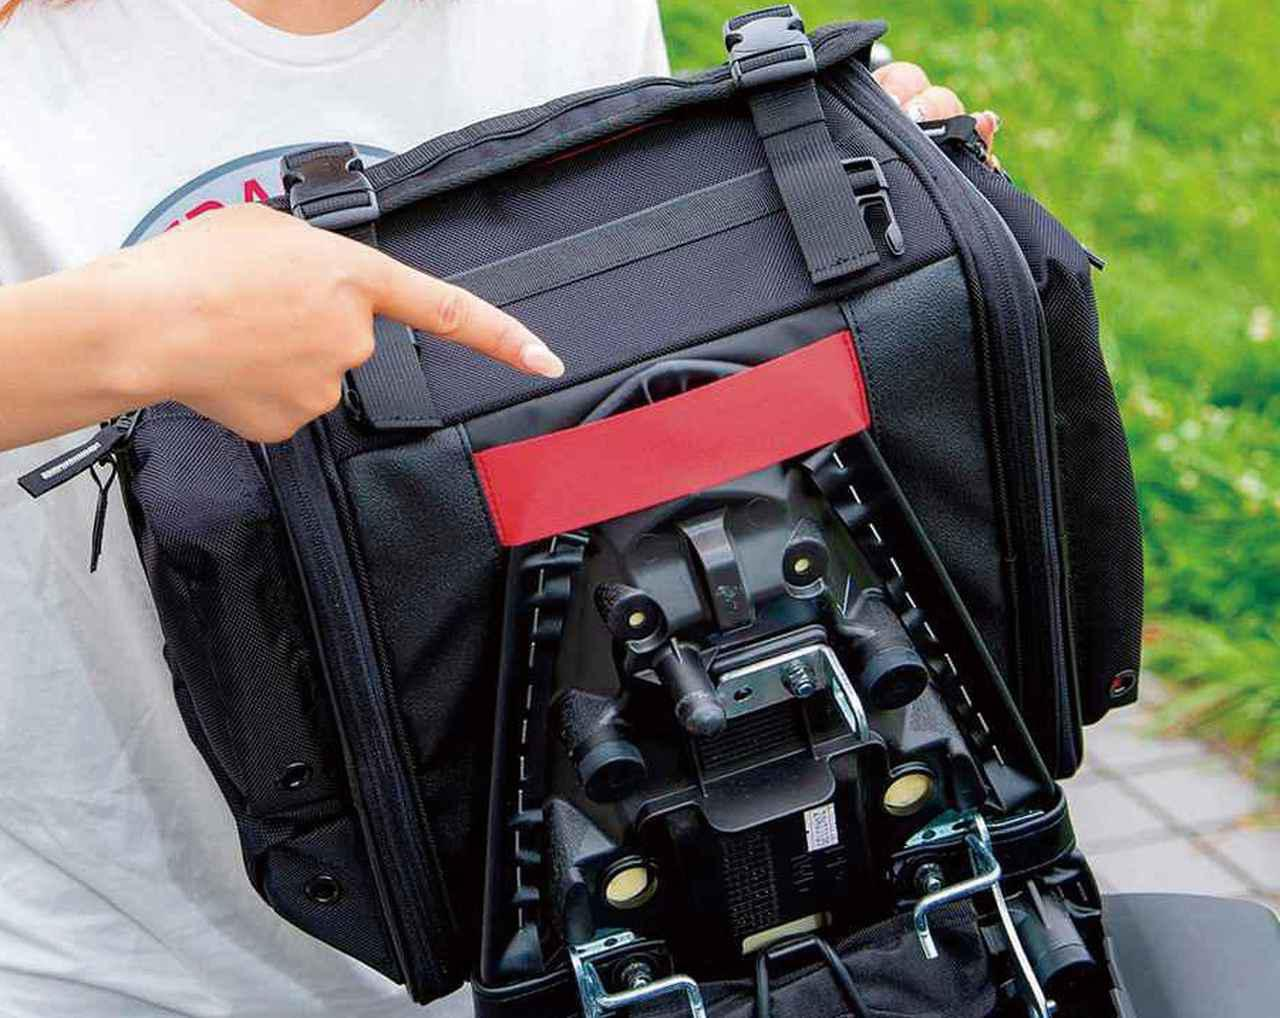 画像: シート後端をバッグ底面のベルトに挿し込んで前方向へのズレを防止。実際はシートを外さなくても挿し込めるので着脱の手間はほとんど増えない。